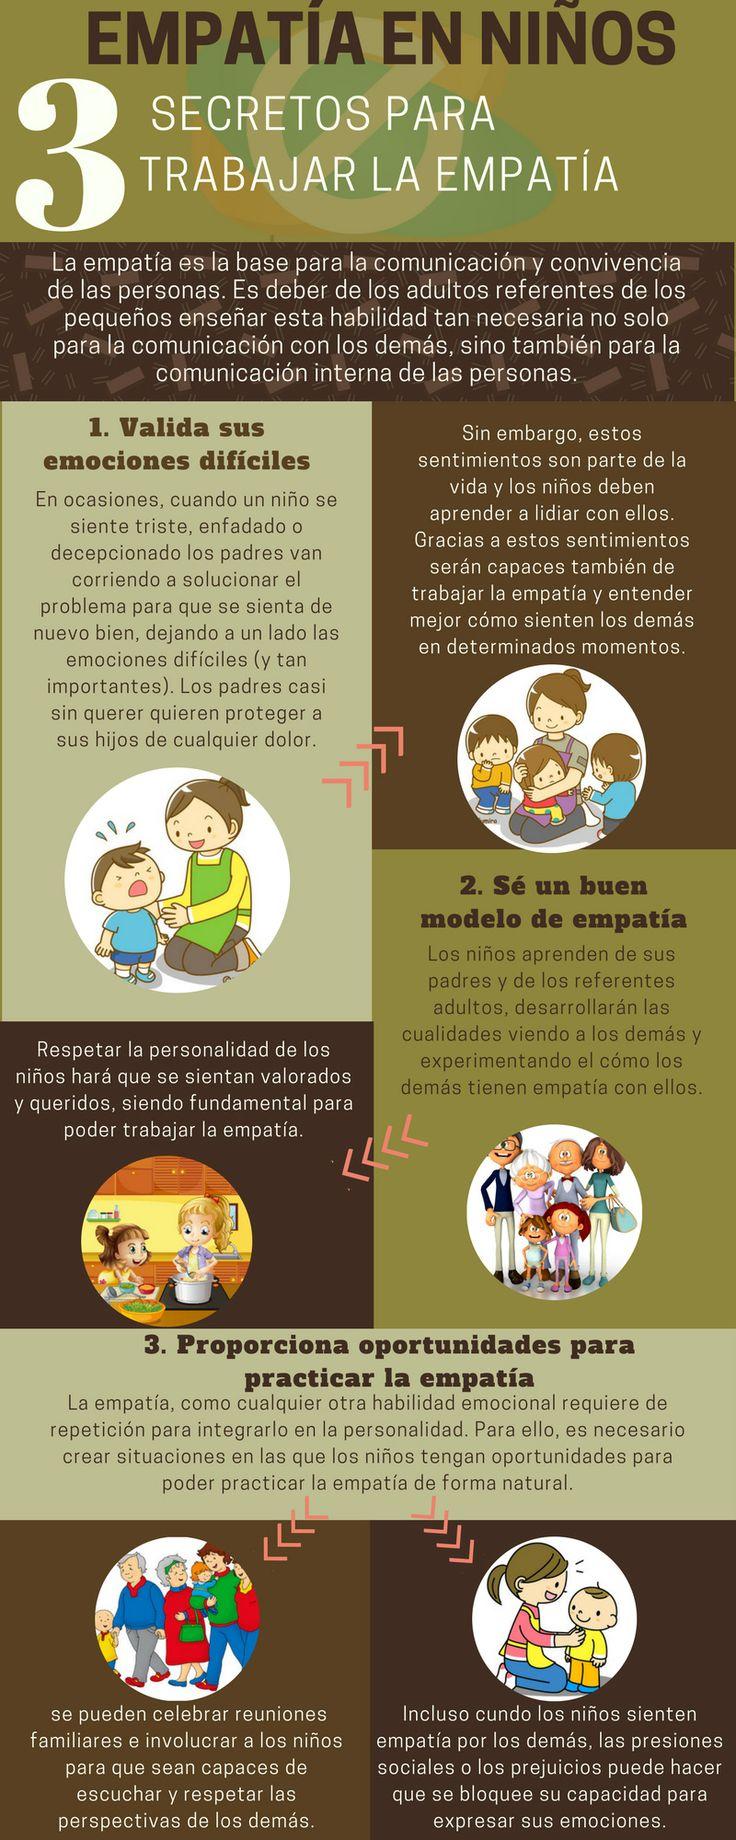 Infografía: 3 secretos para trabajar la empatía en los niños. ¿Qué es la empatía? Actividades para trabajar la empatía infantil